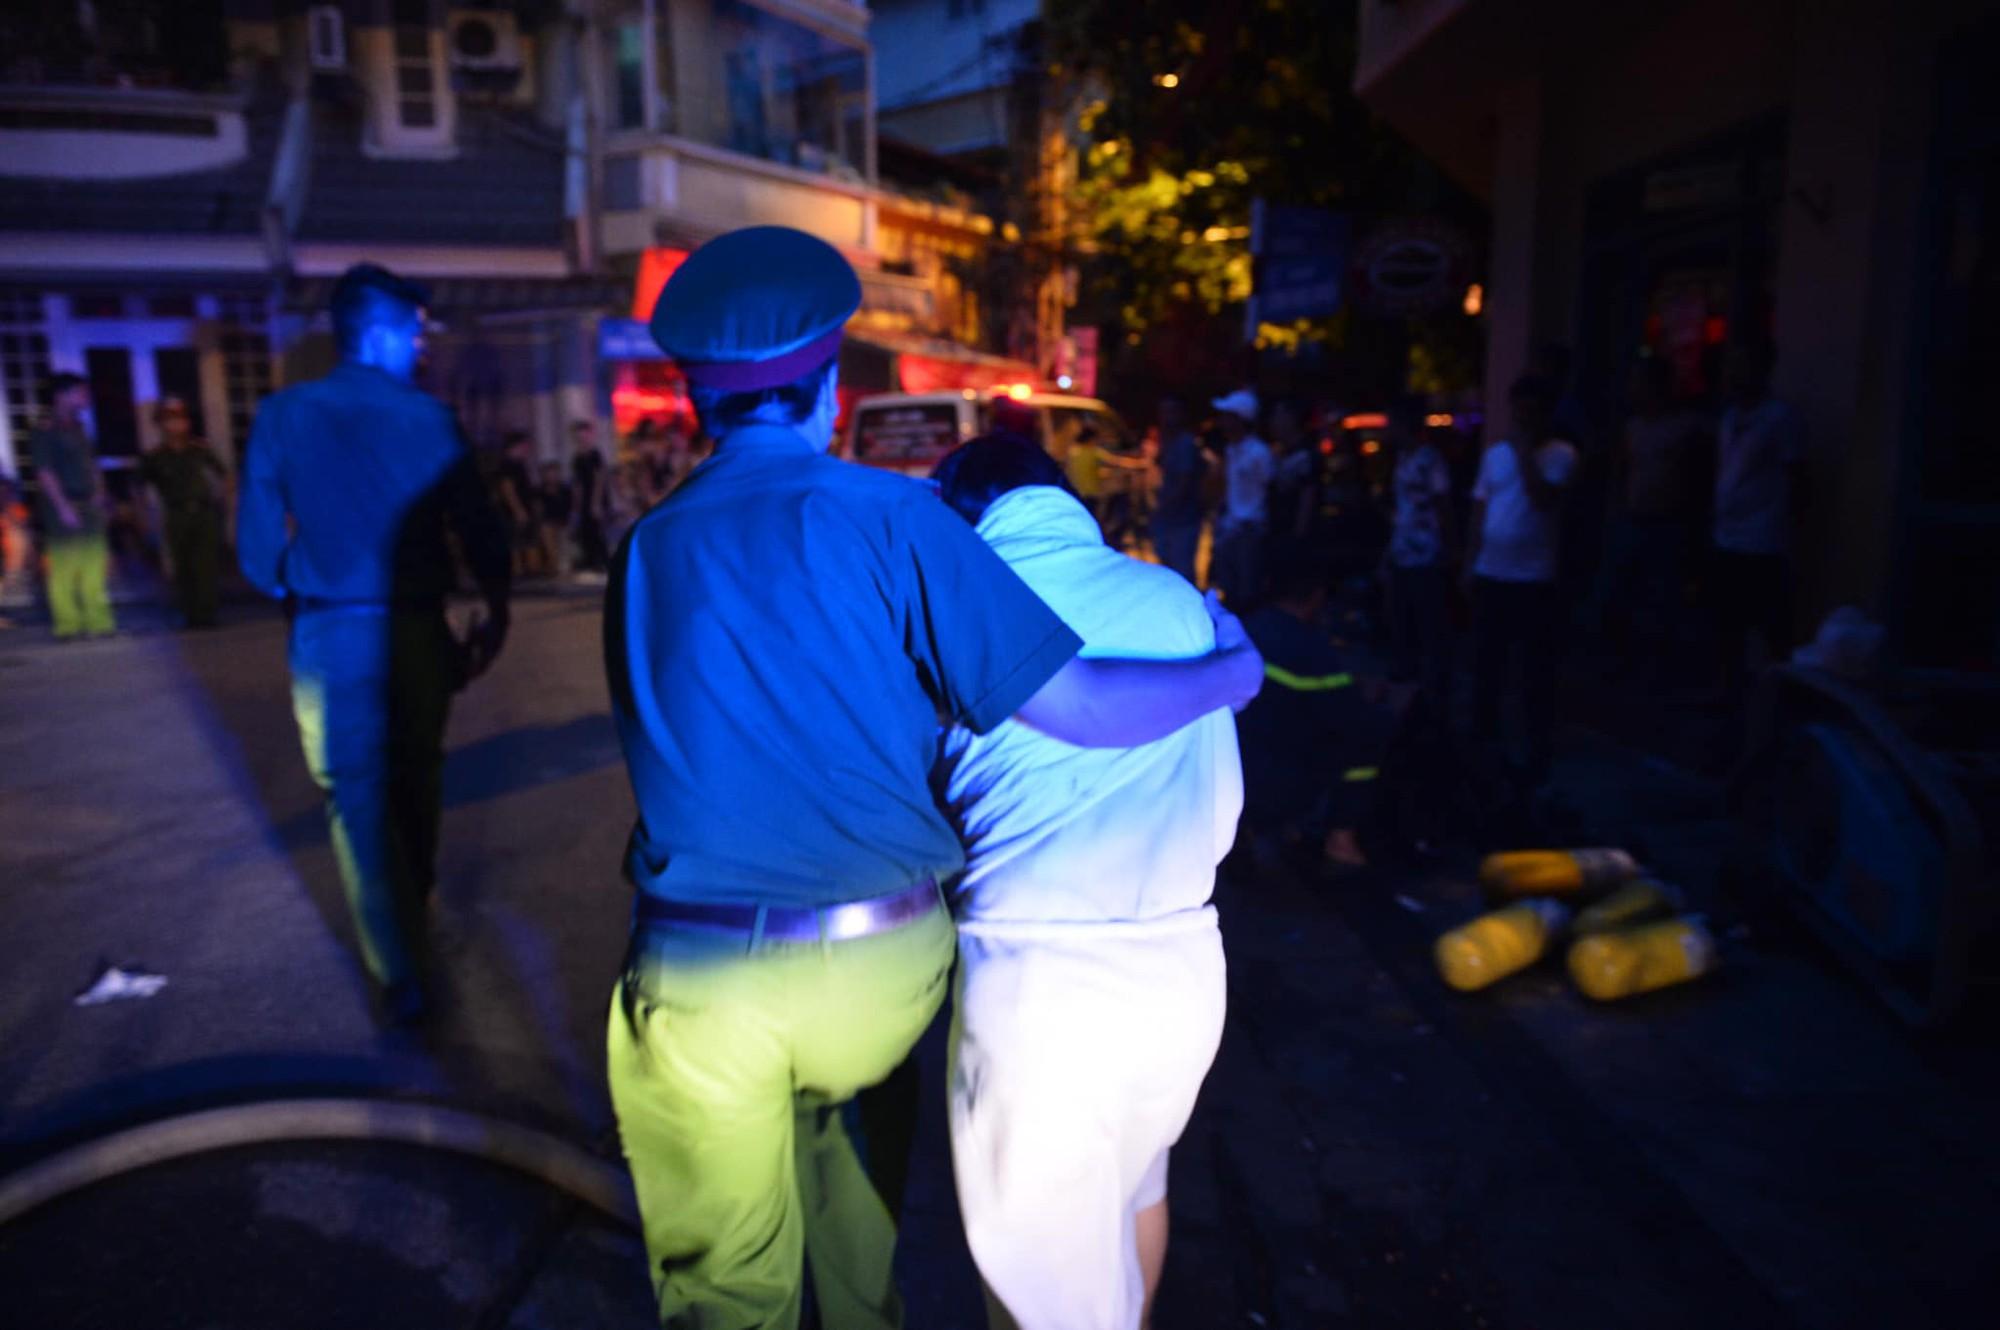 Cháy khách sạn trên phố cổ Hà Nội lúc sáng sớm, nhiều người chỉ kịp choàng khăn tắm hốt hoảng tháo chạy - Ảnh 4.